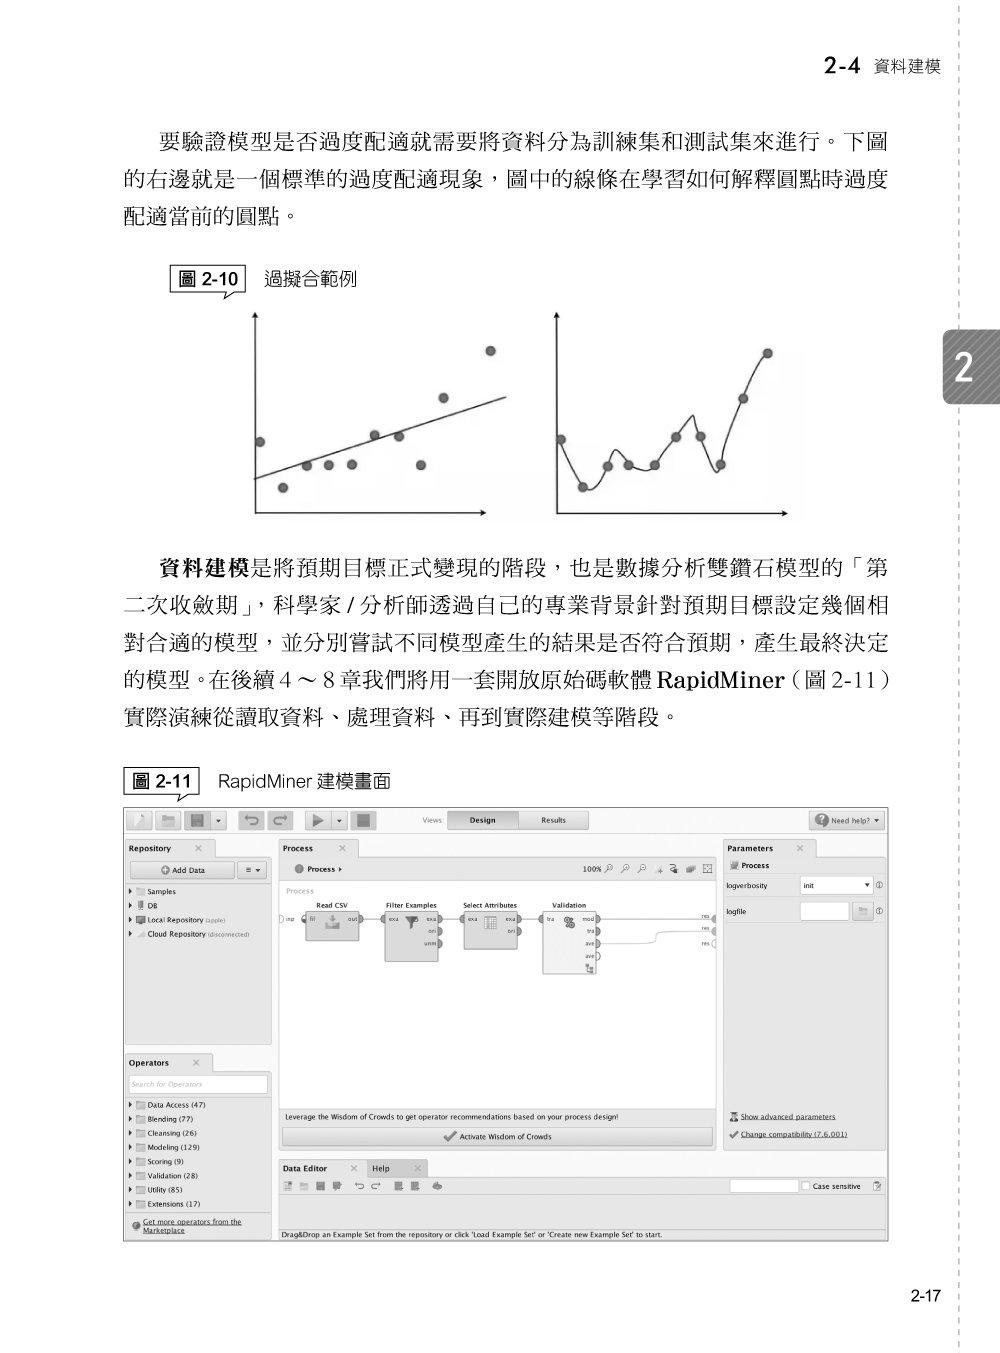 不懂程式也能學會的大數據分析術 - 使用 RapidMiner-preview-3